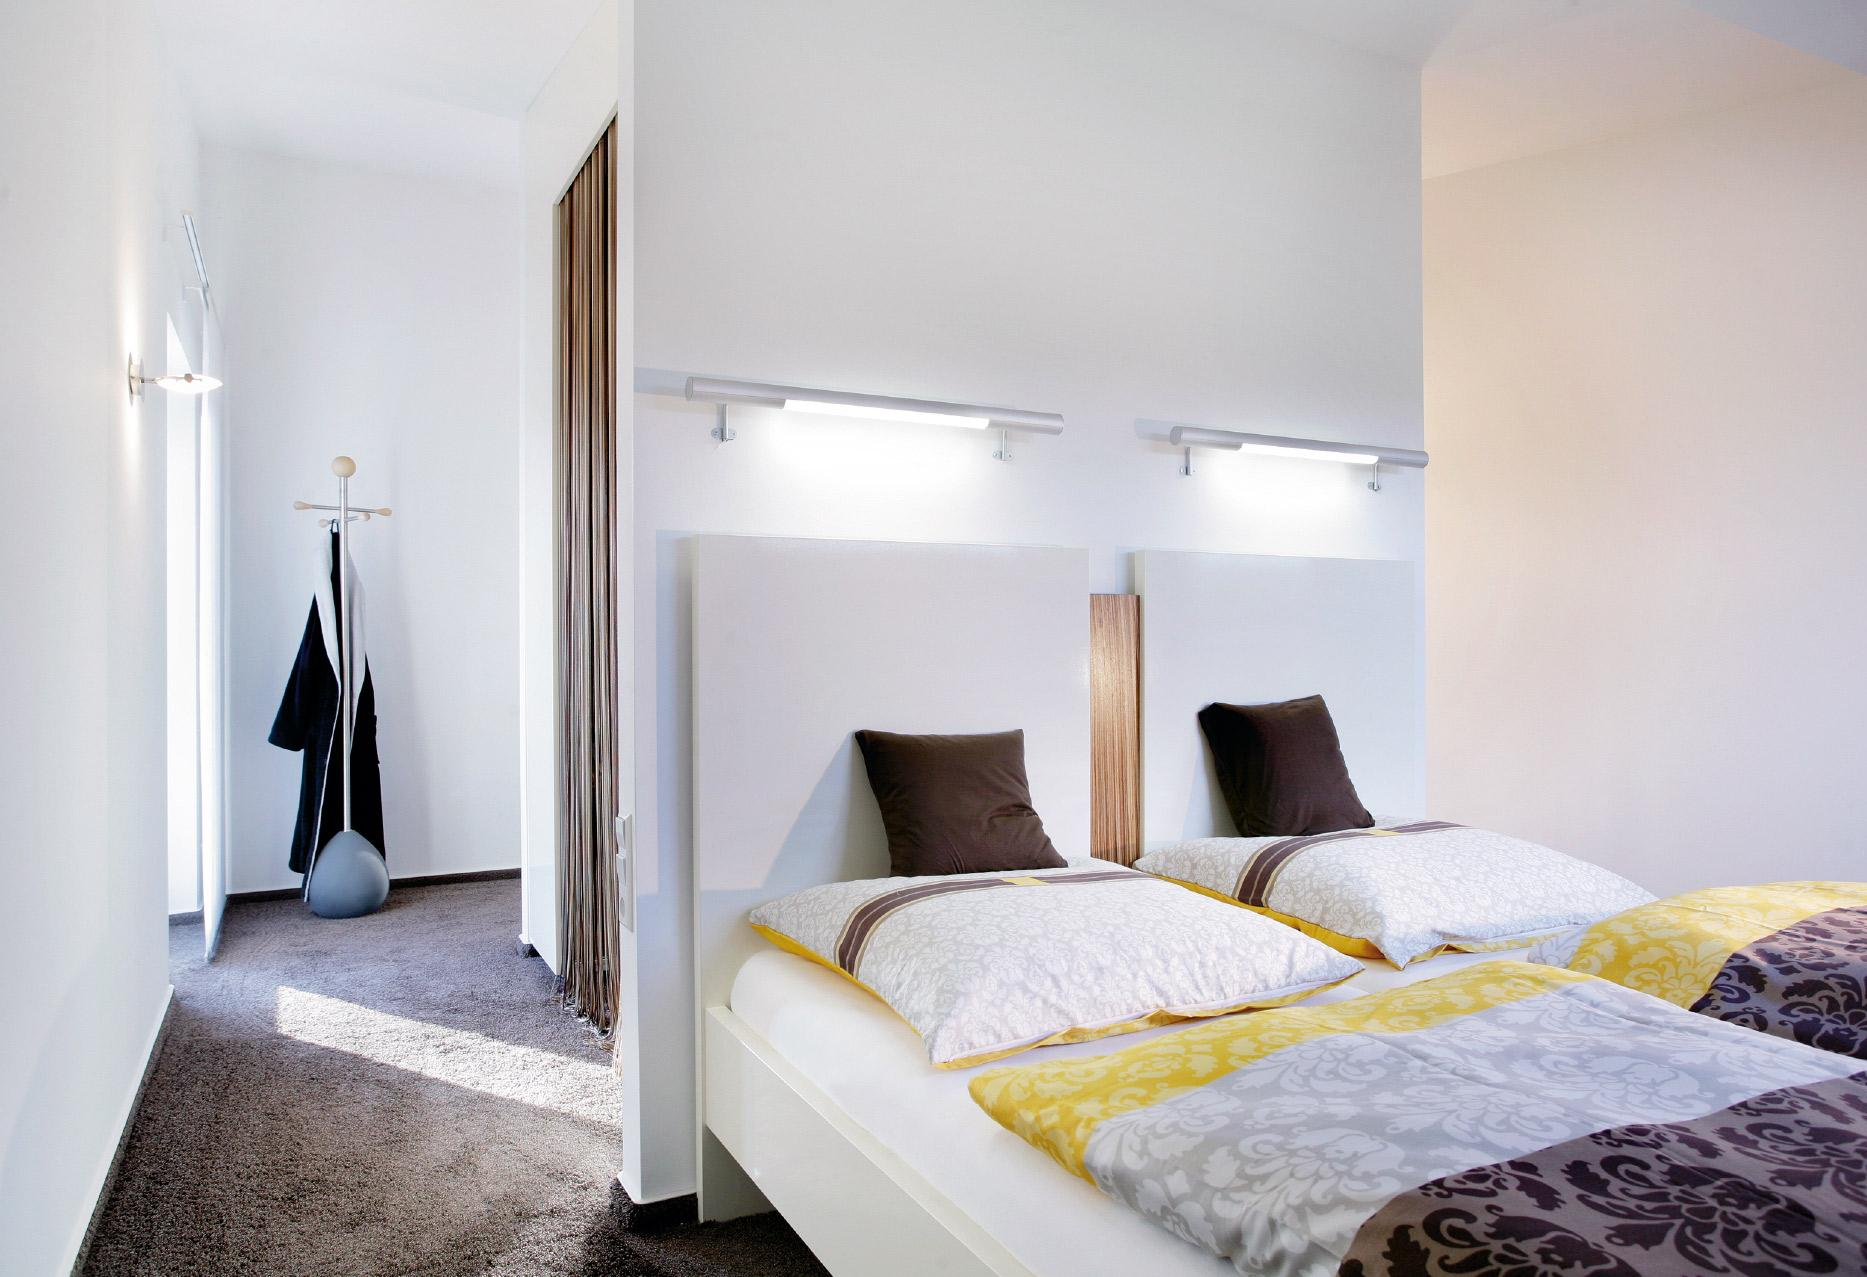 schlafzimmer mit ankleide modern bettdecken schwitzen kopfkissen f r seitenschl fer 155x220. Black Bedroom Furniture Sets. Home Design Ideas